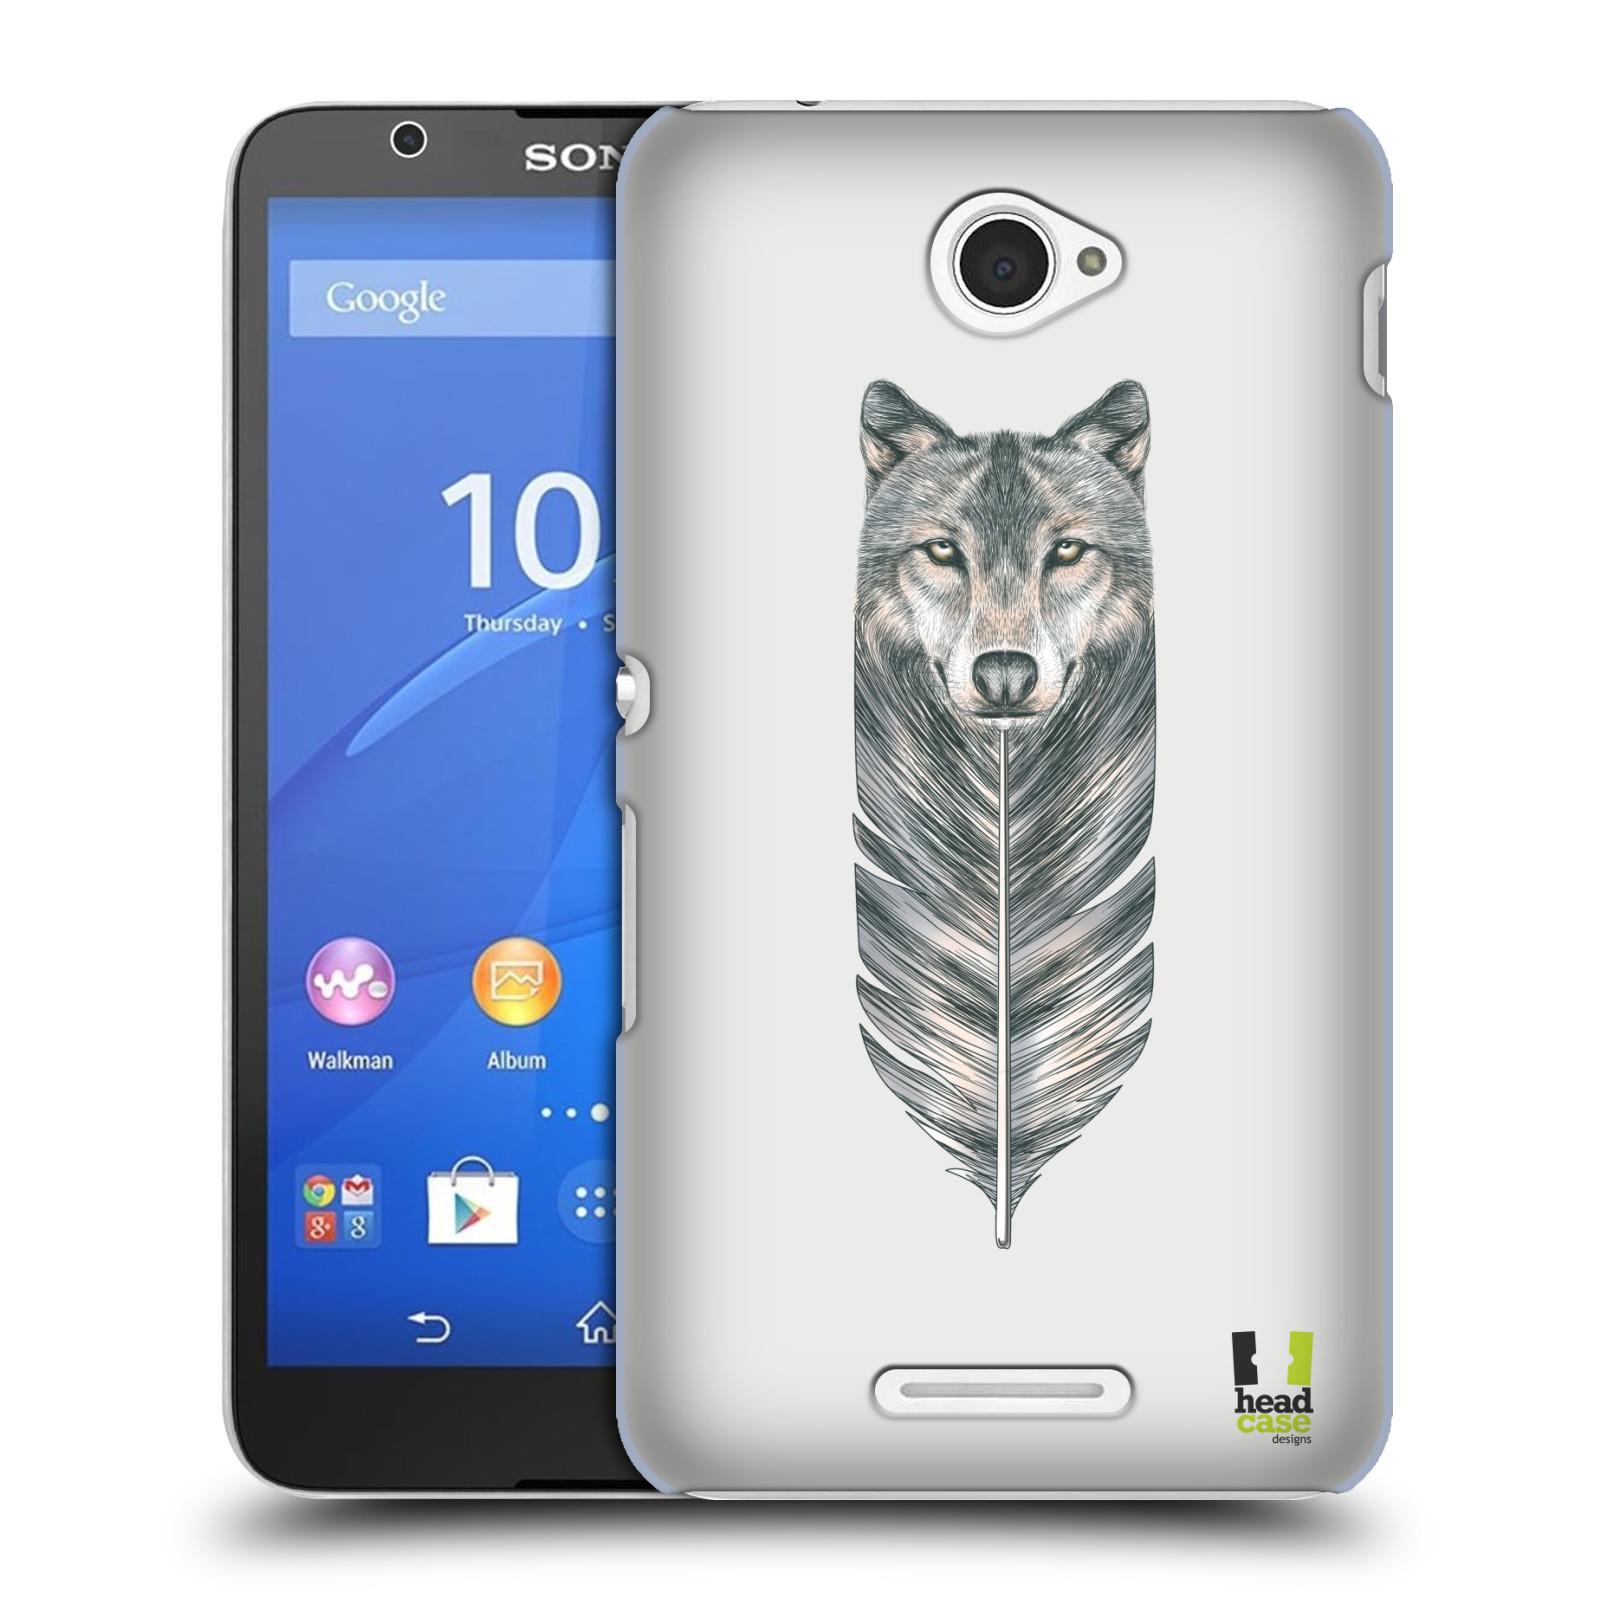 Plastové pouzdro na mobil Sony Xperia E4 E2105 HEAD CASE PÍRKO VLK (Kryt či obal na mobilní telefon Sony Xperia E4 a E4 Dual SIM)